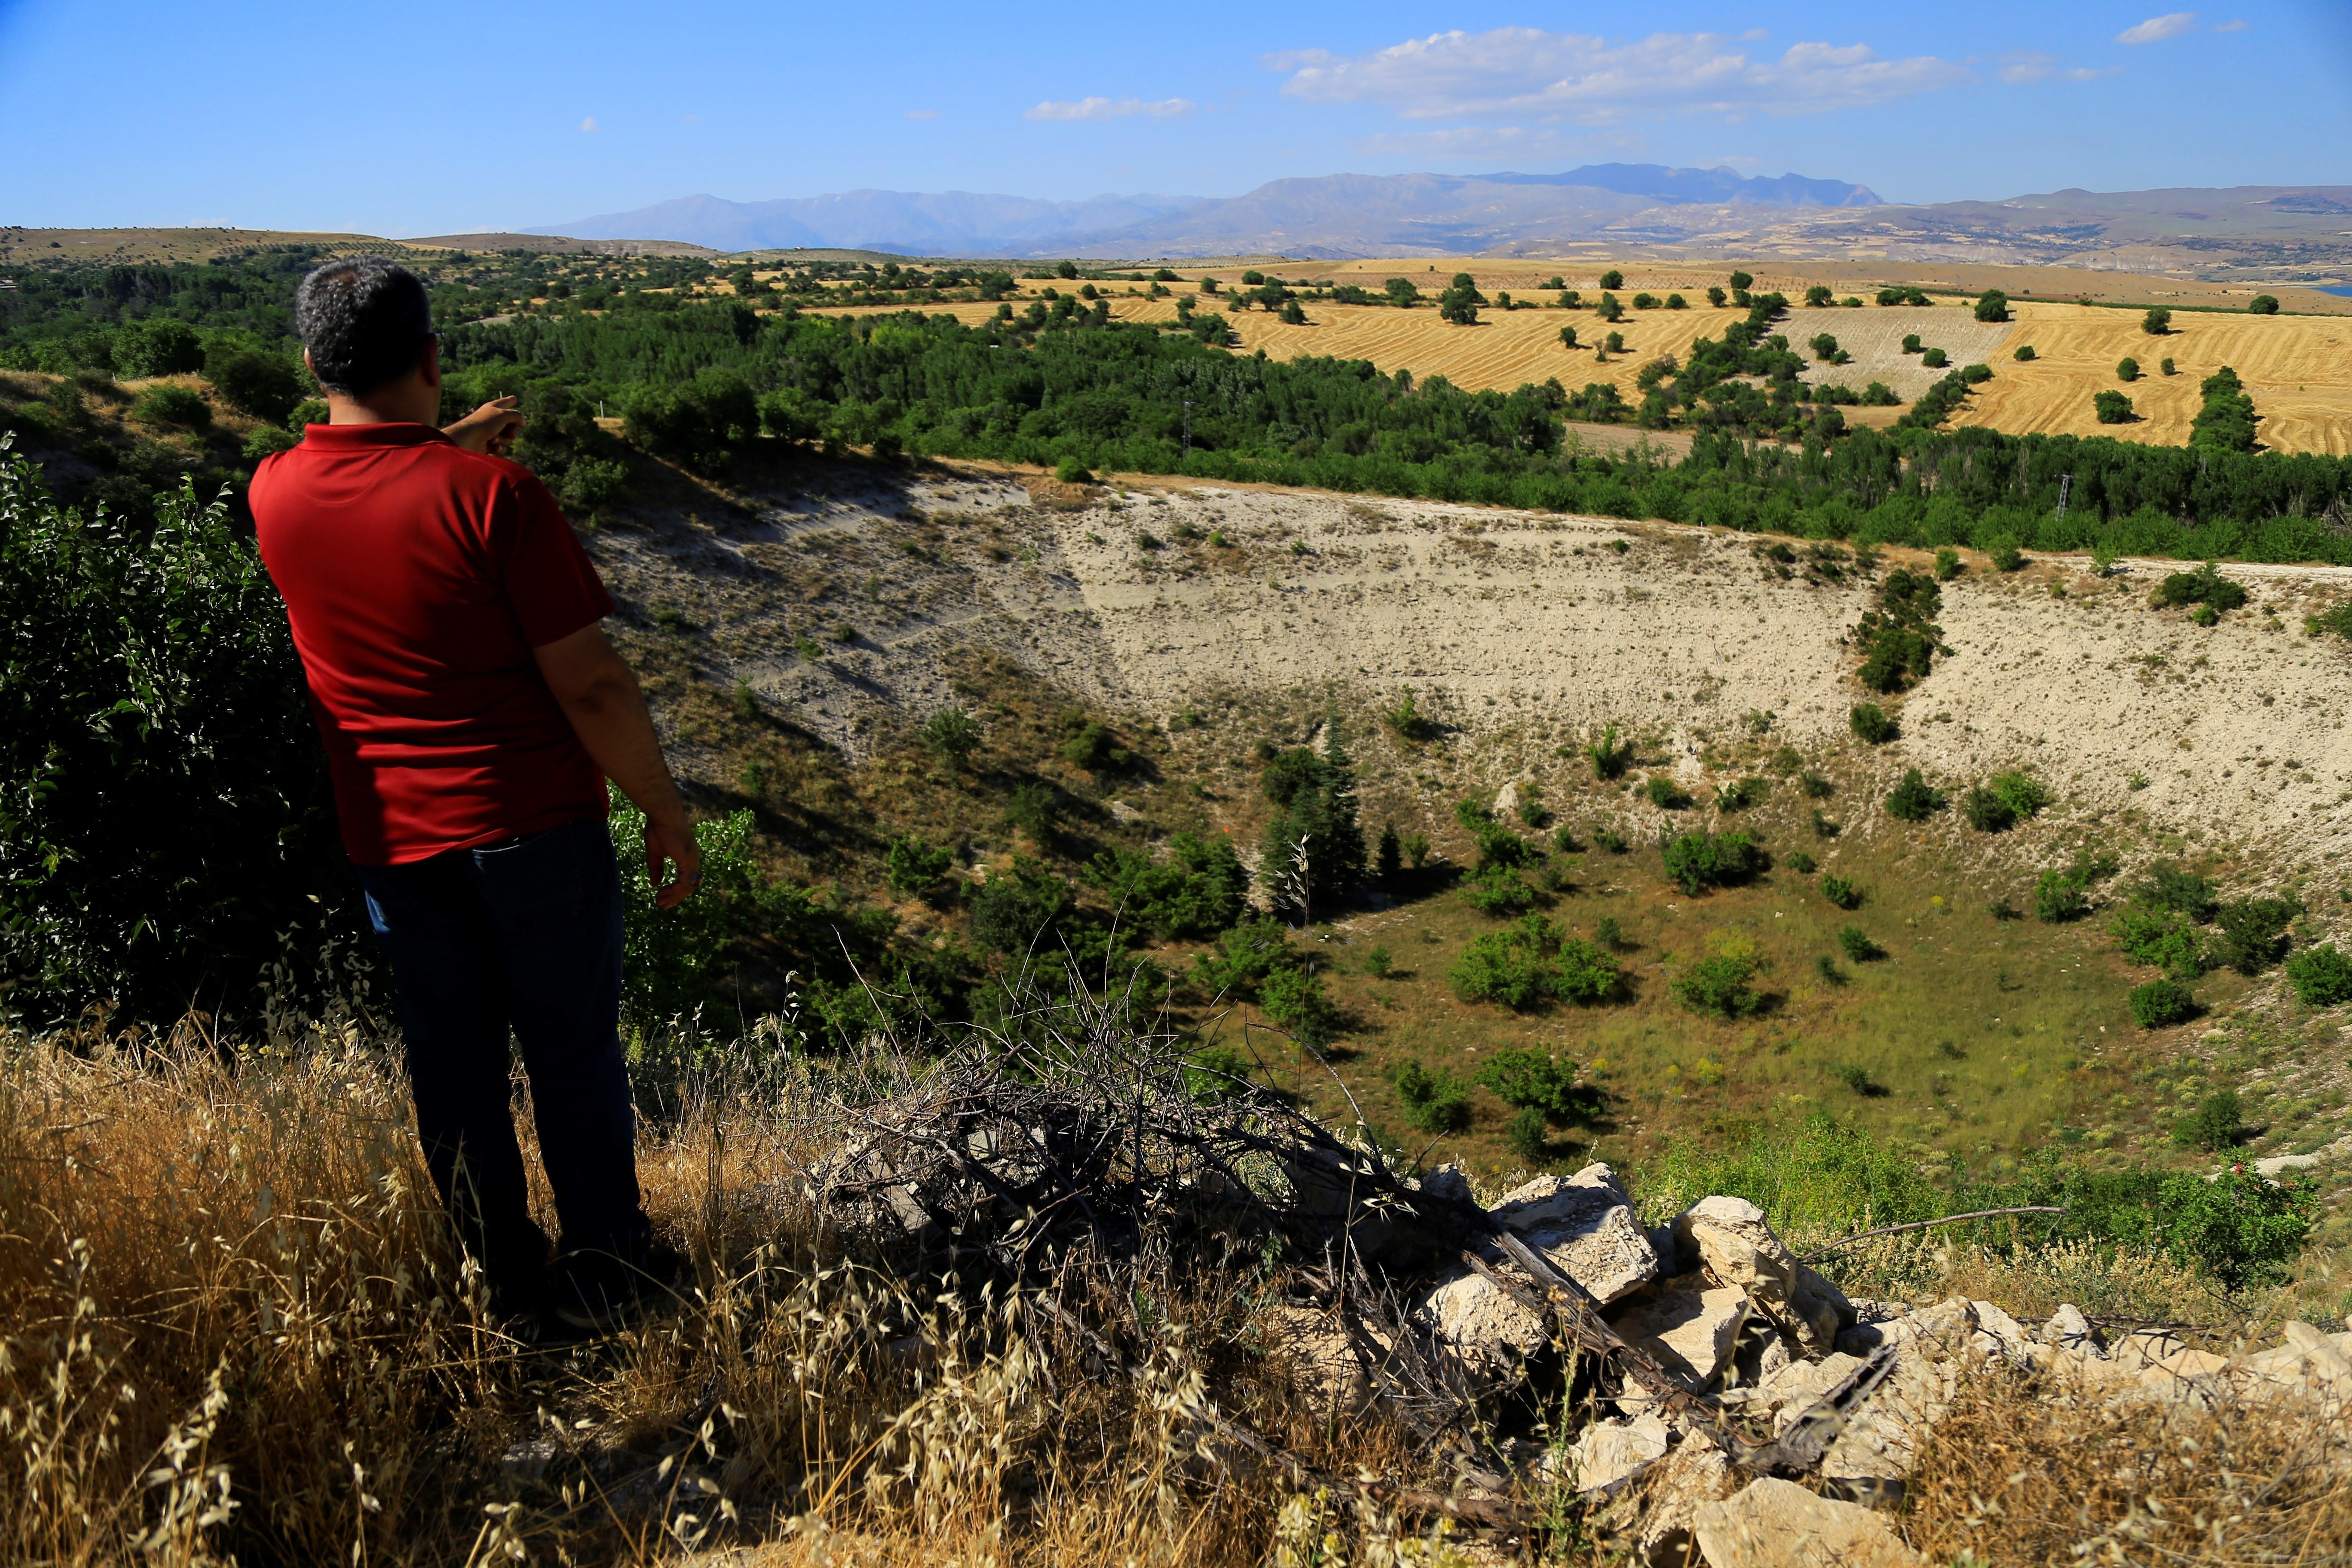 Elazığ'daki 'Kup' çukurunun nasıl oluştuğu bilinmiyor #1